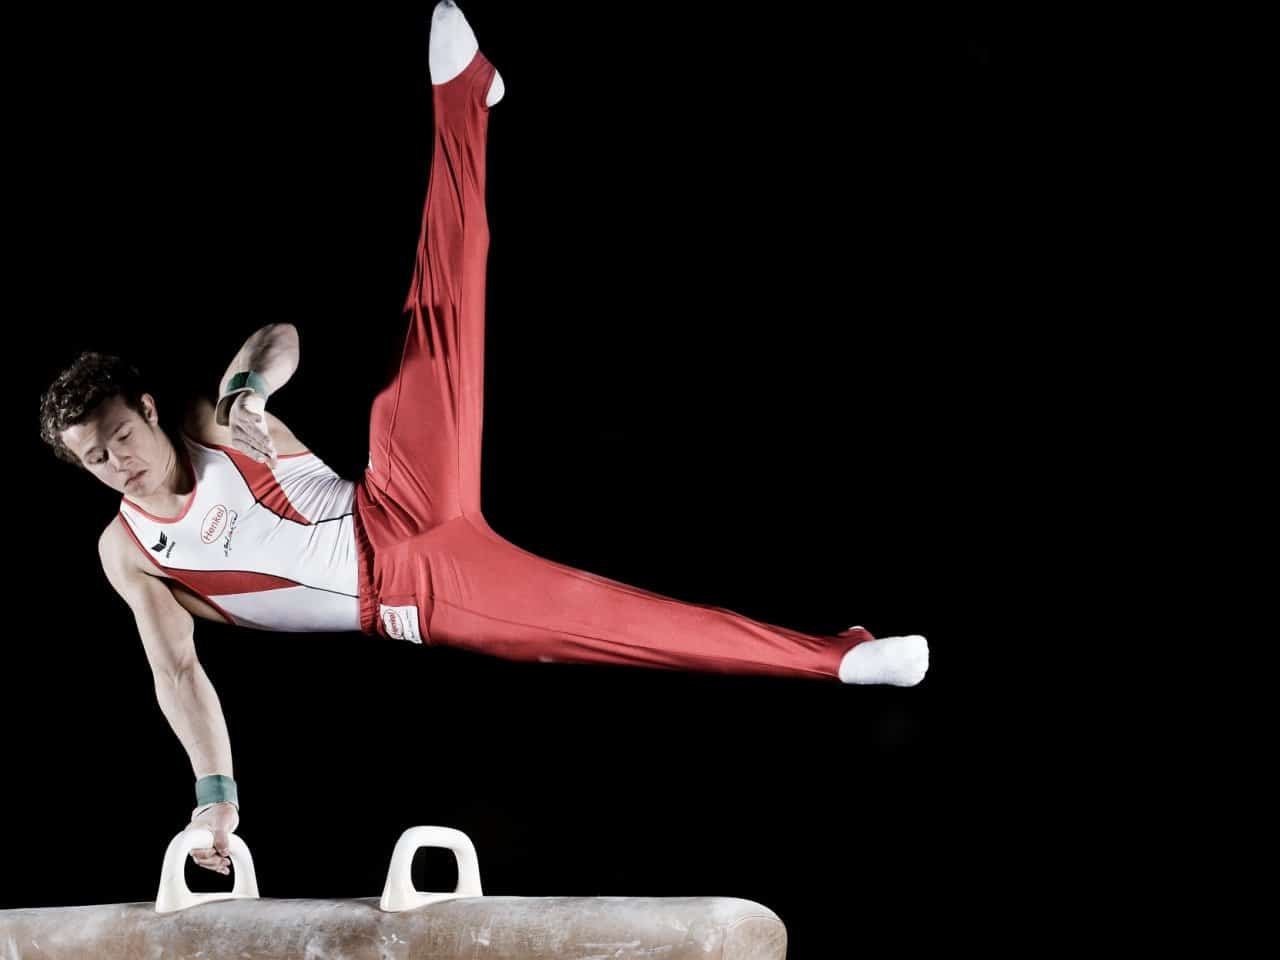 Aparatos-de-gimnasia-rítmica-3